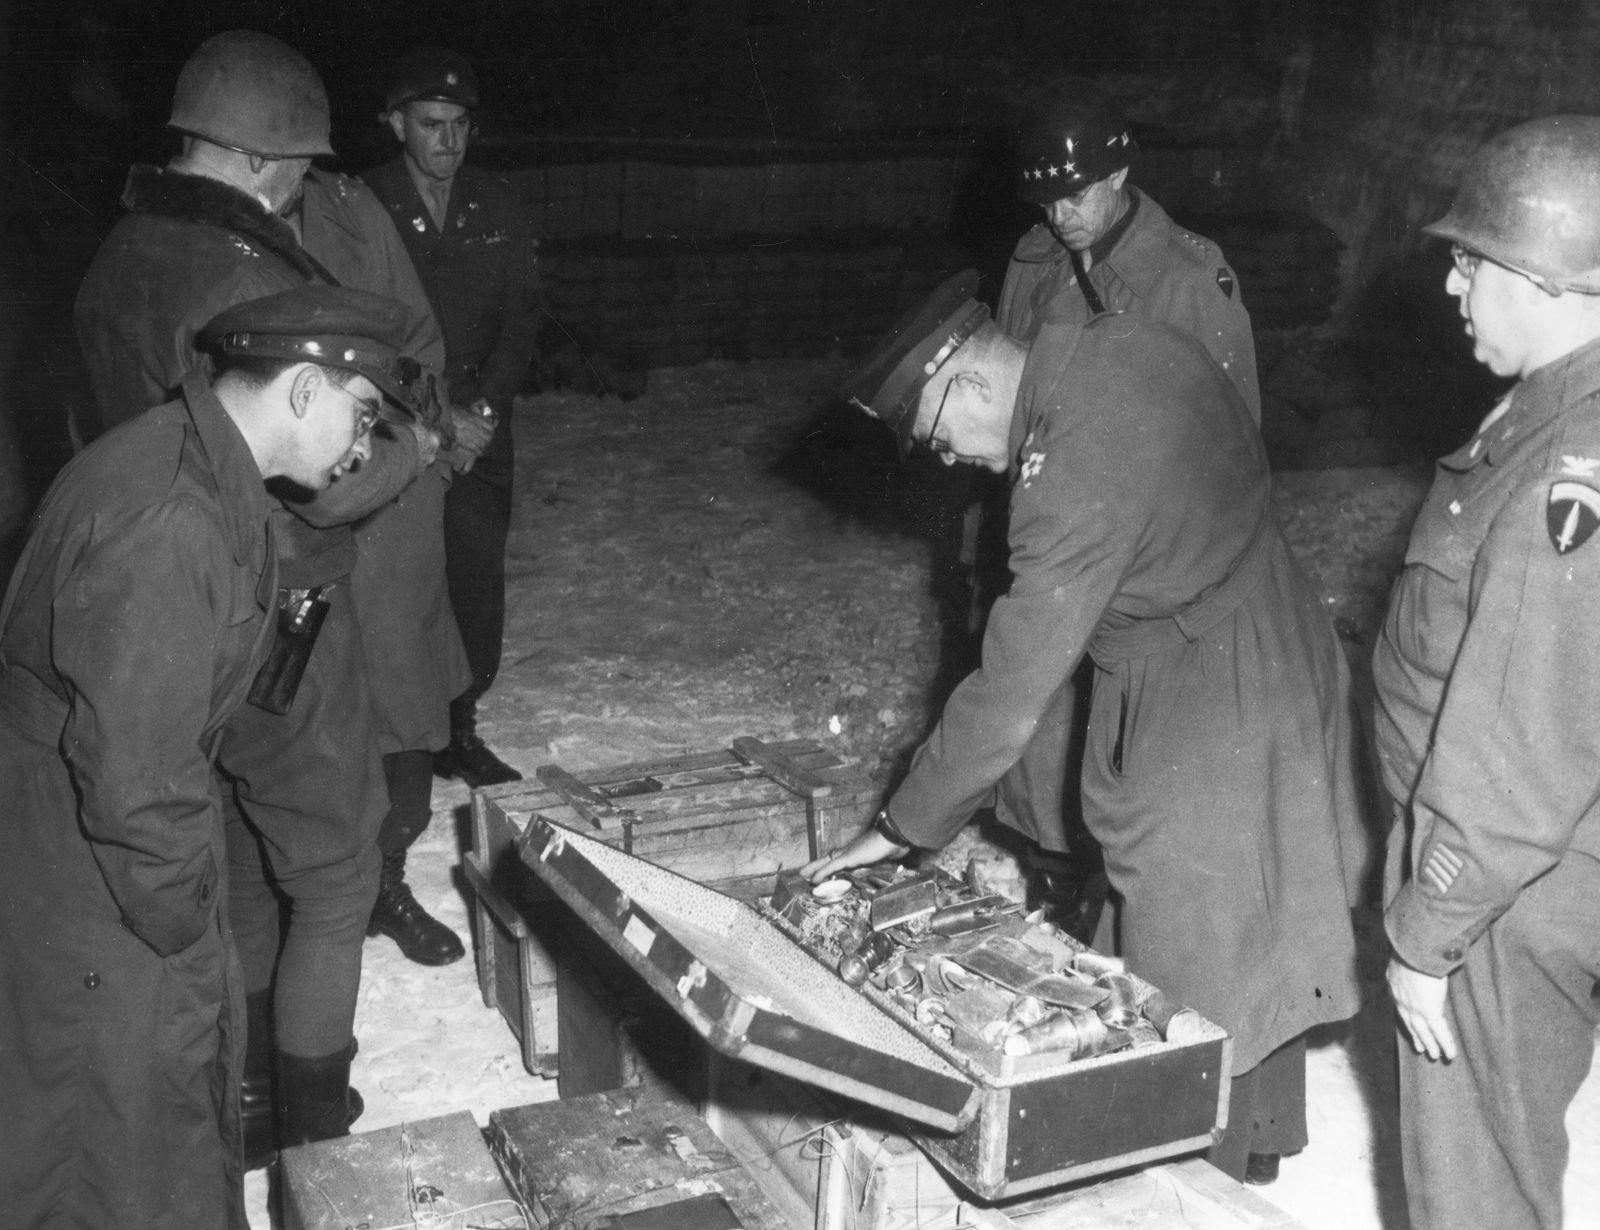 Salzbergwerk Merkers - Sicherstellung von Reichsbankgold, Bargeld in Reichsmark und Kunstgegenständen durch US-Truppen